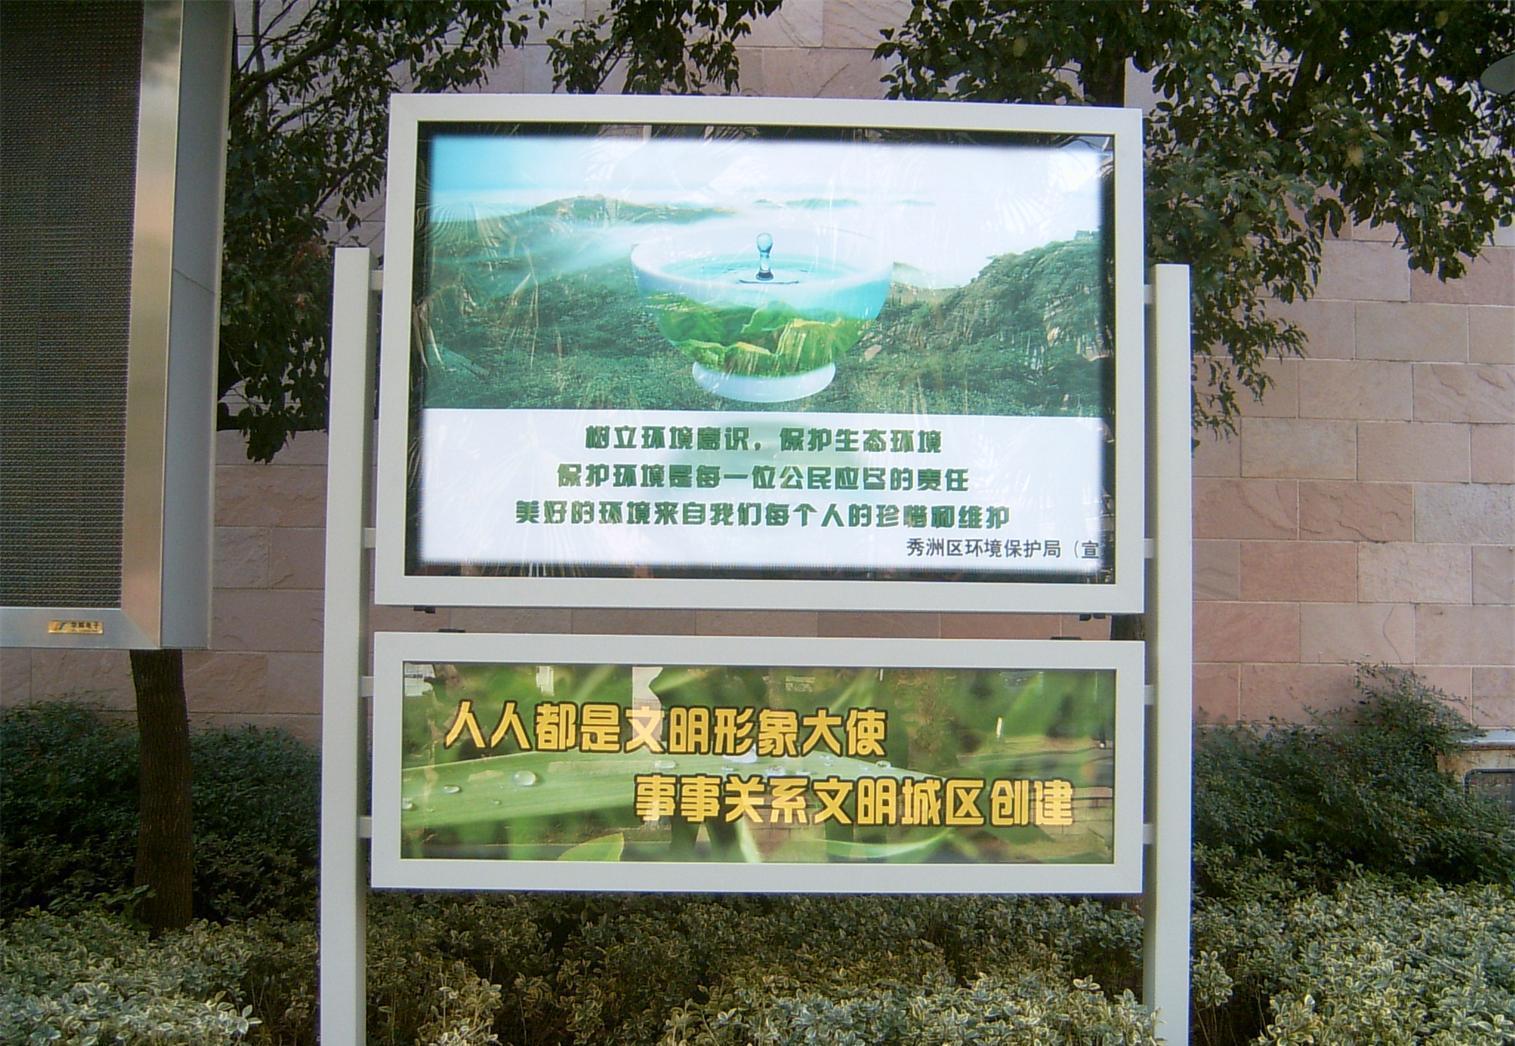 上海阅报栏灯箱供求信息